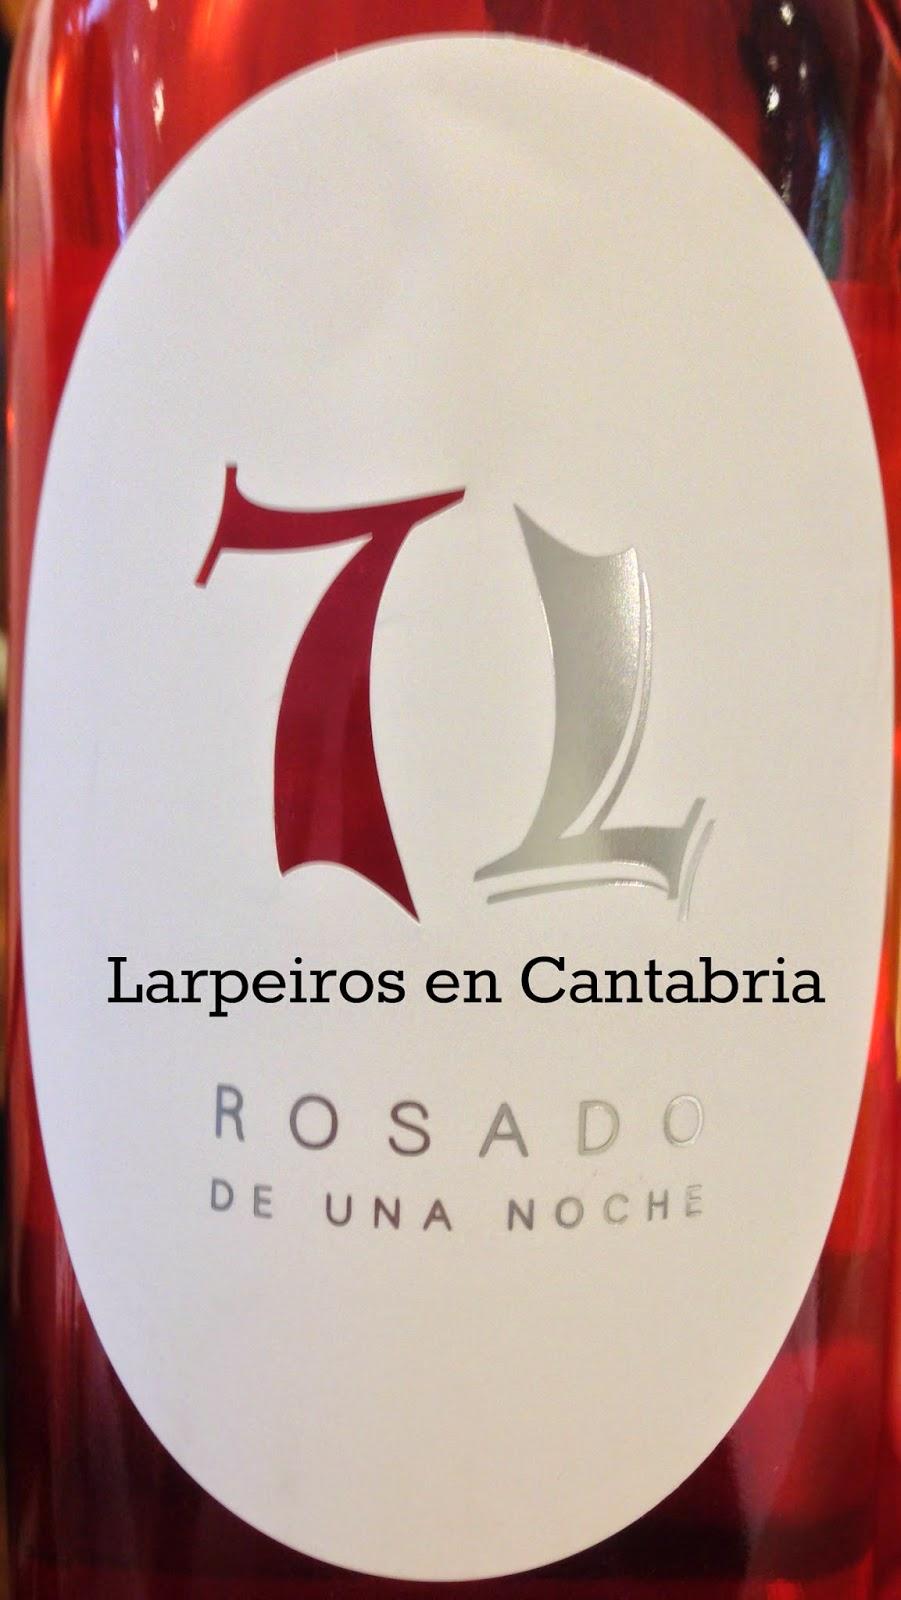 Rosado 7L La Legua 2013: Rosado de una noche; agradable